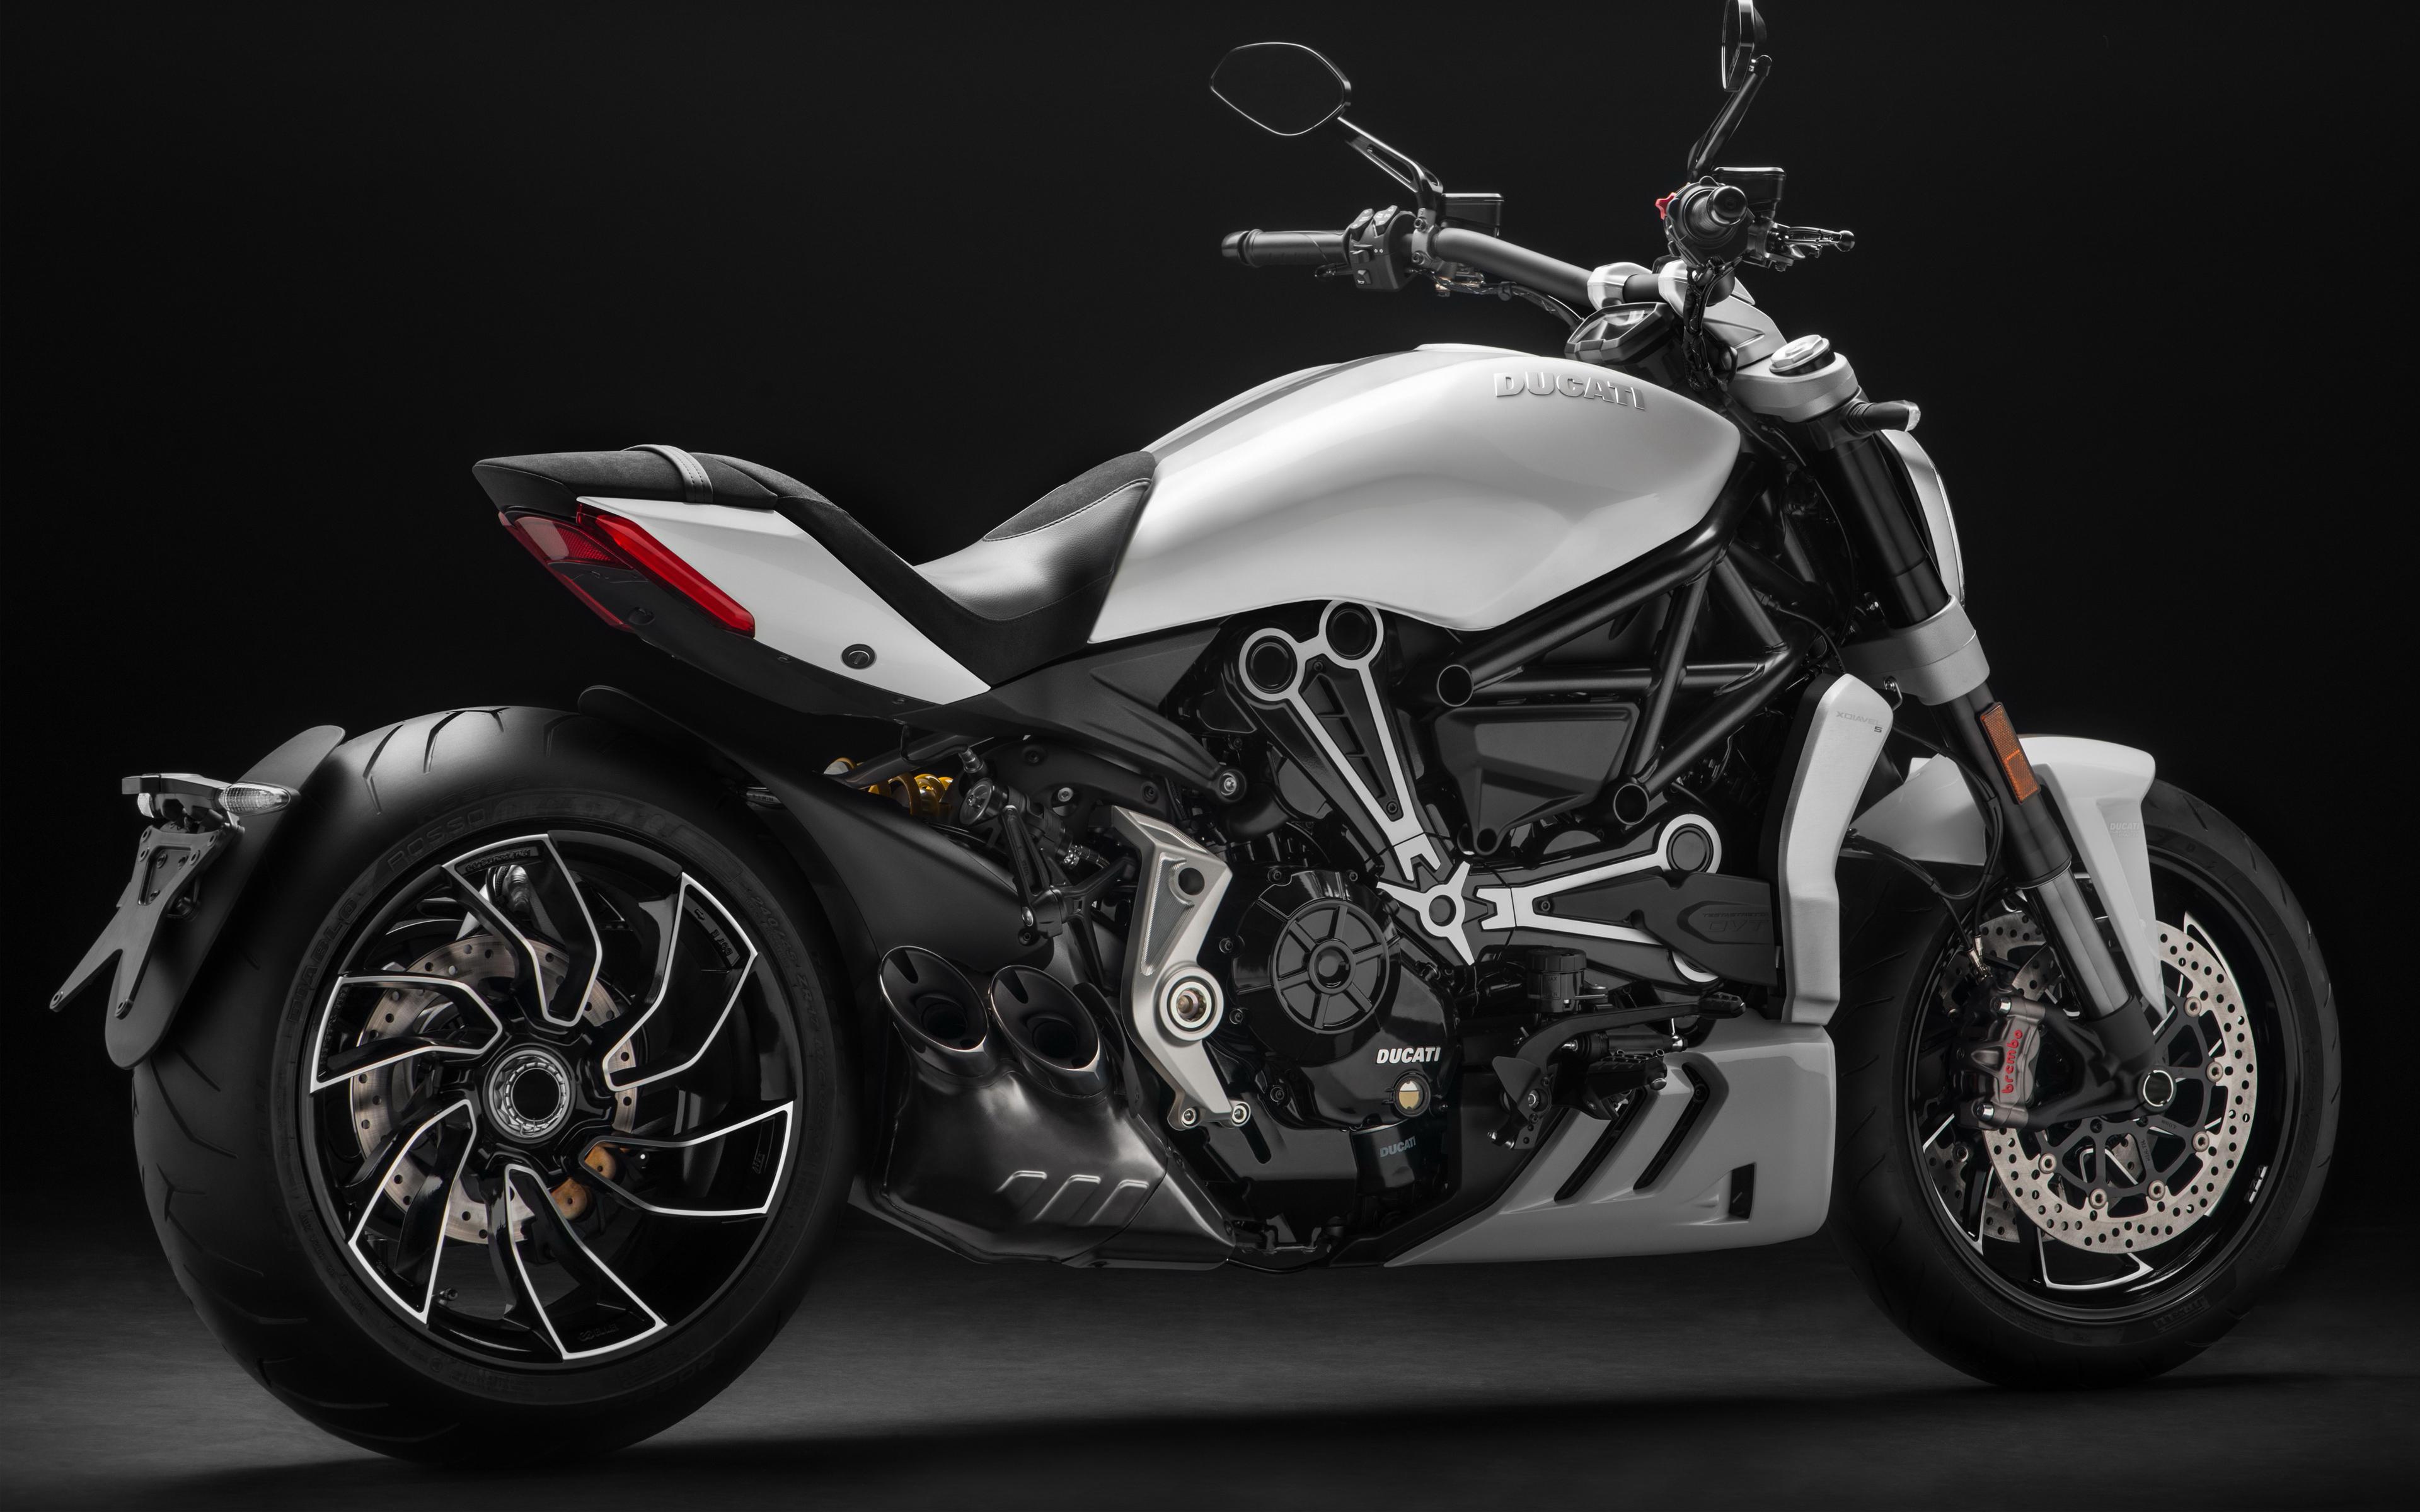 Ducati Xdiavel S 2018 4k - Ducati Xdiavel S 2019 Price In India , HD Wallpaper & Backgrounds